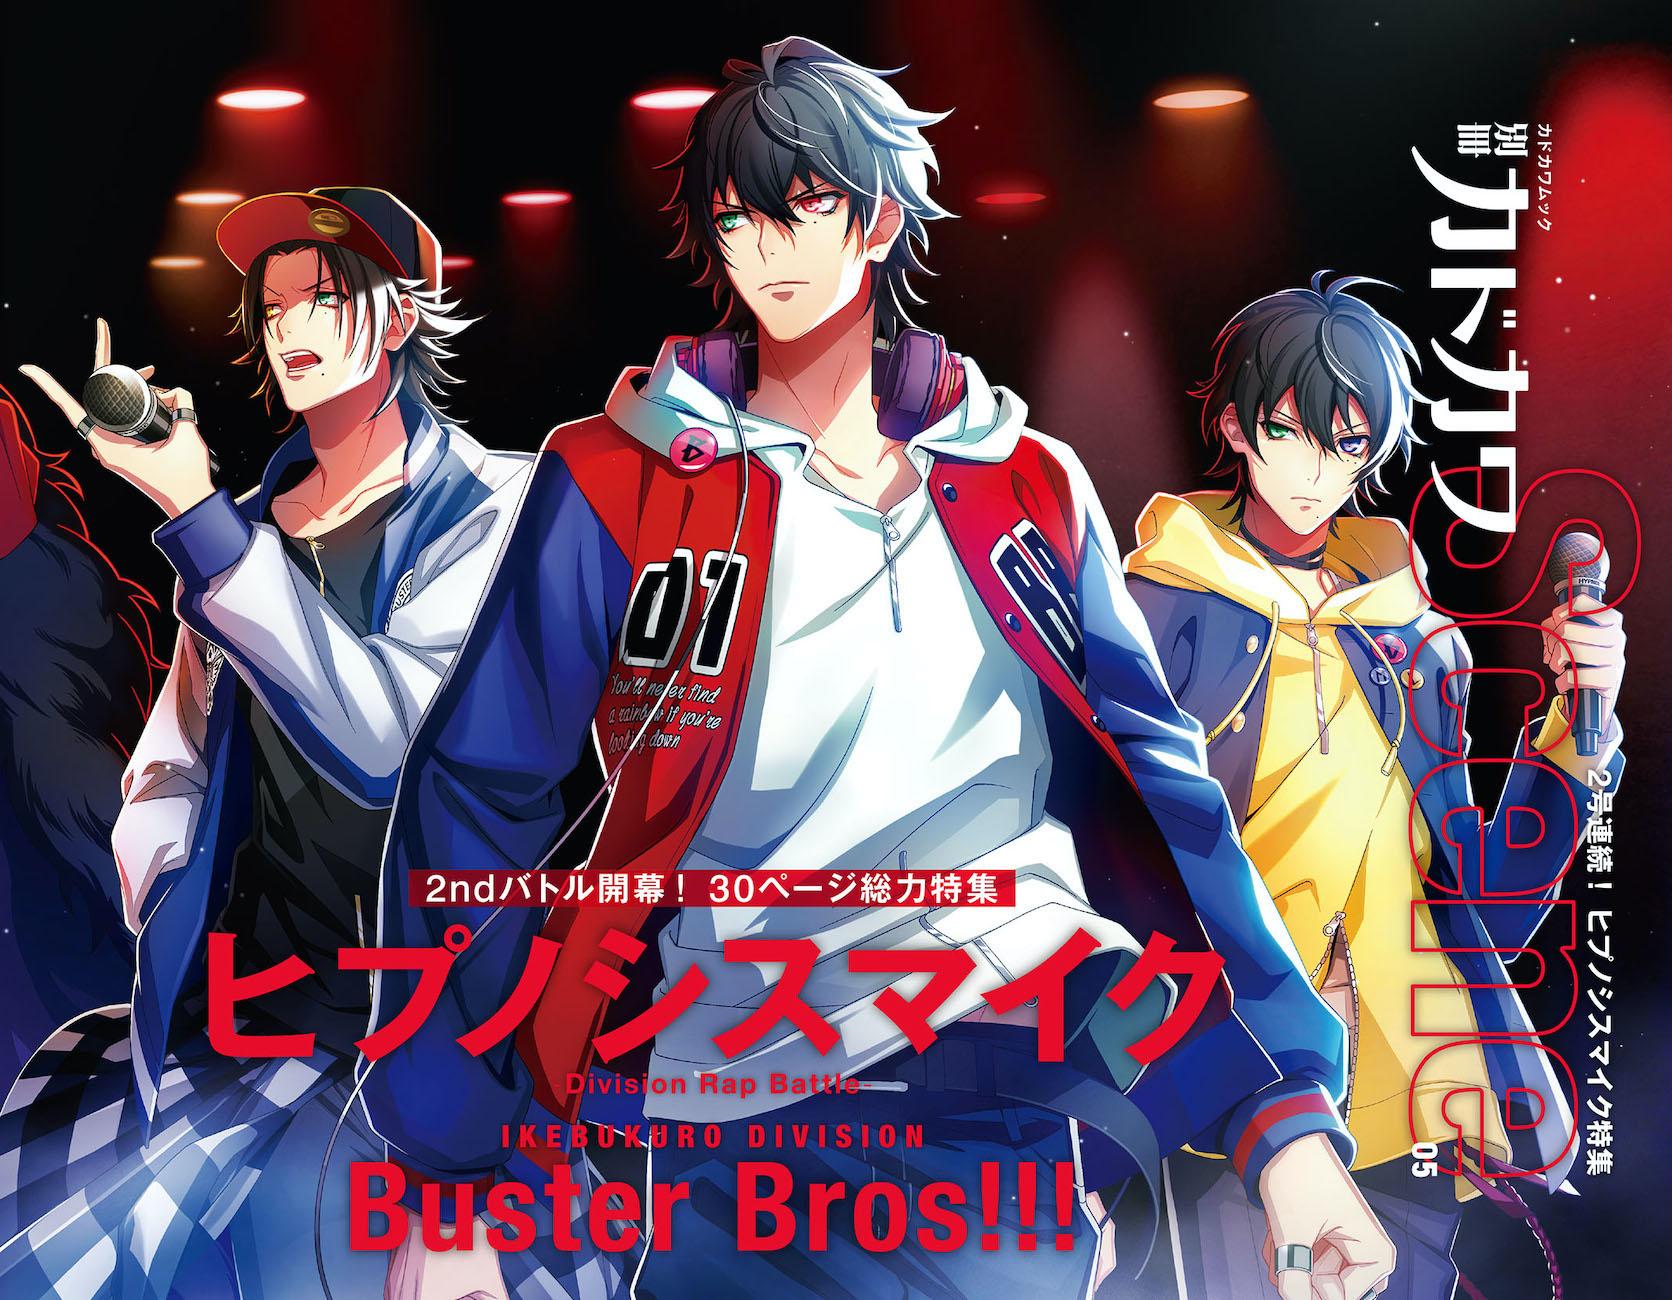 「別冊カドカワScene 05」イケブクロ・ディビジョン/Buster Bros!!! 表紙